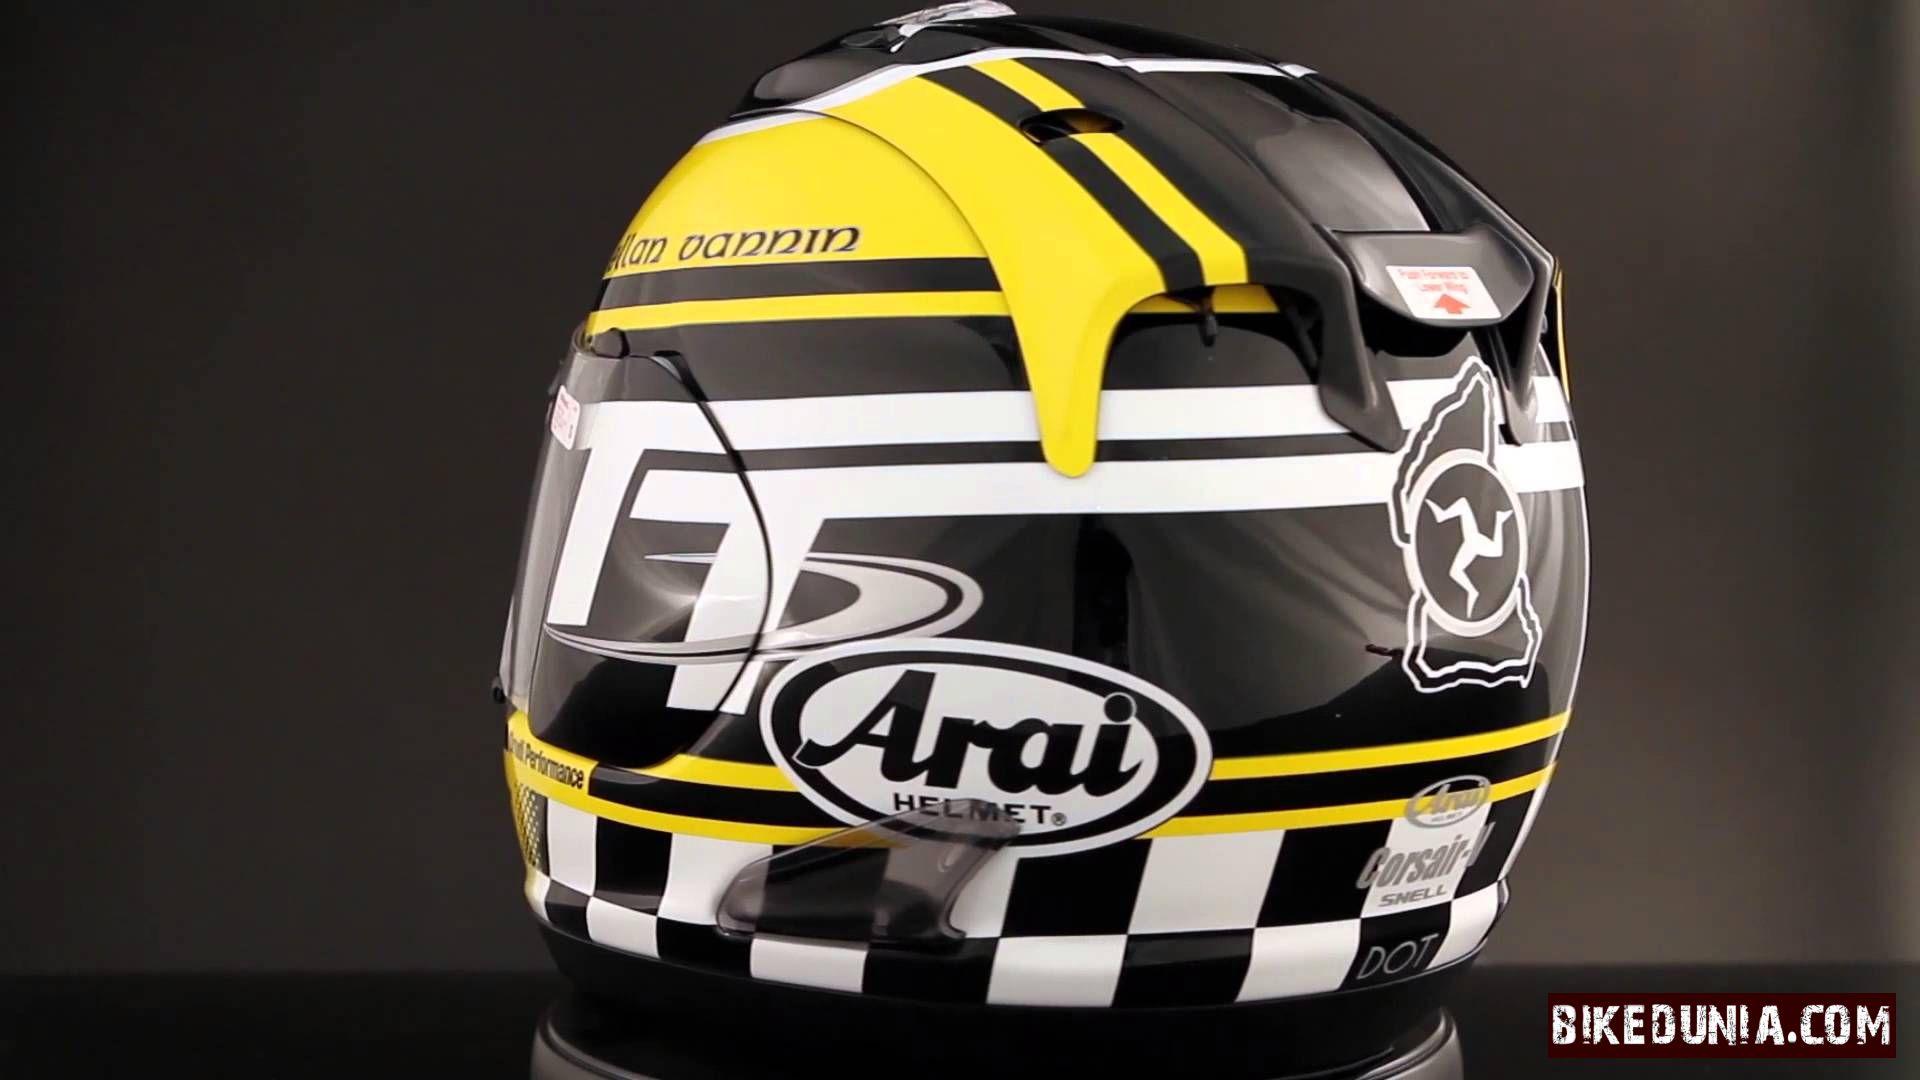 Isle of Man TT Mann3 Pure Road Racing Motorcycle Helmet